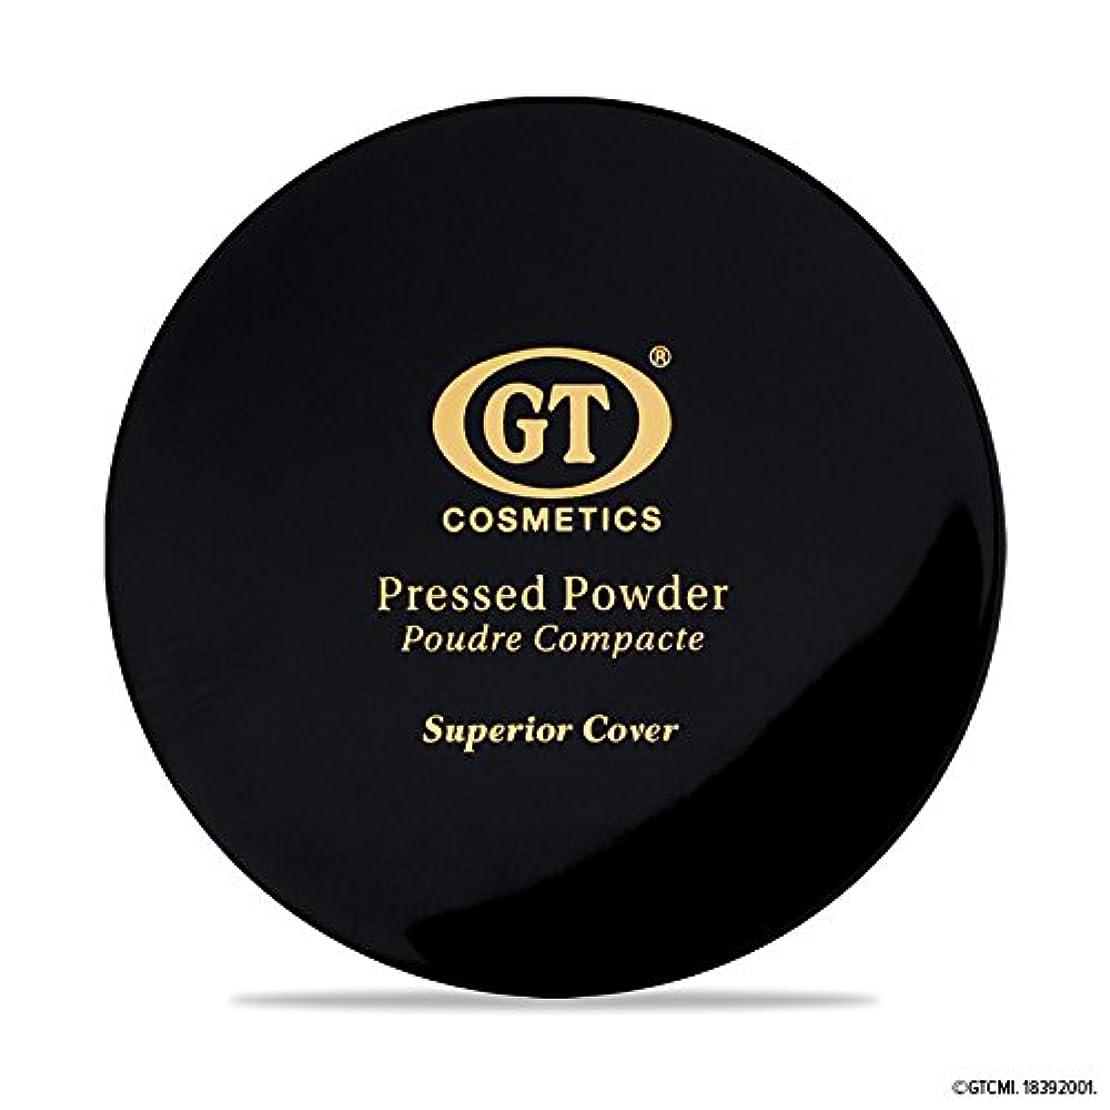 特性寸前一般的にGTpressed powder ライトベージュ SPF20 正規輸入代理店 日本初上陸 コスメティック オーガニック ファンデーション